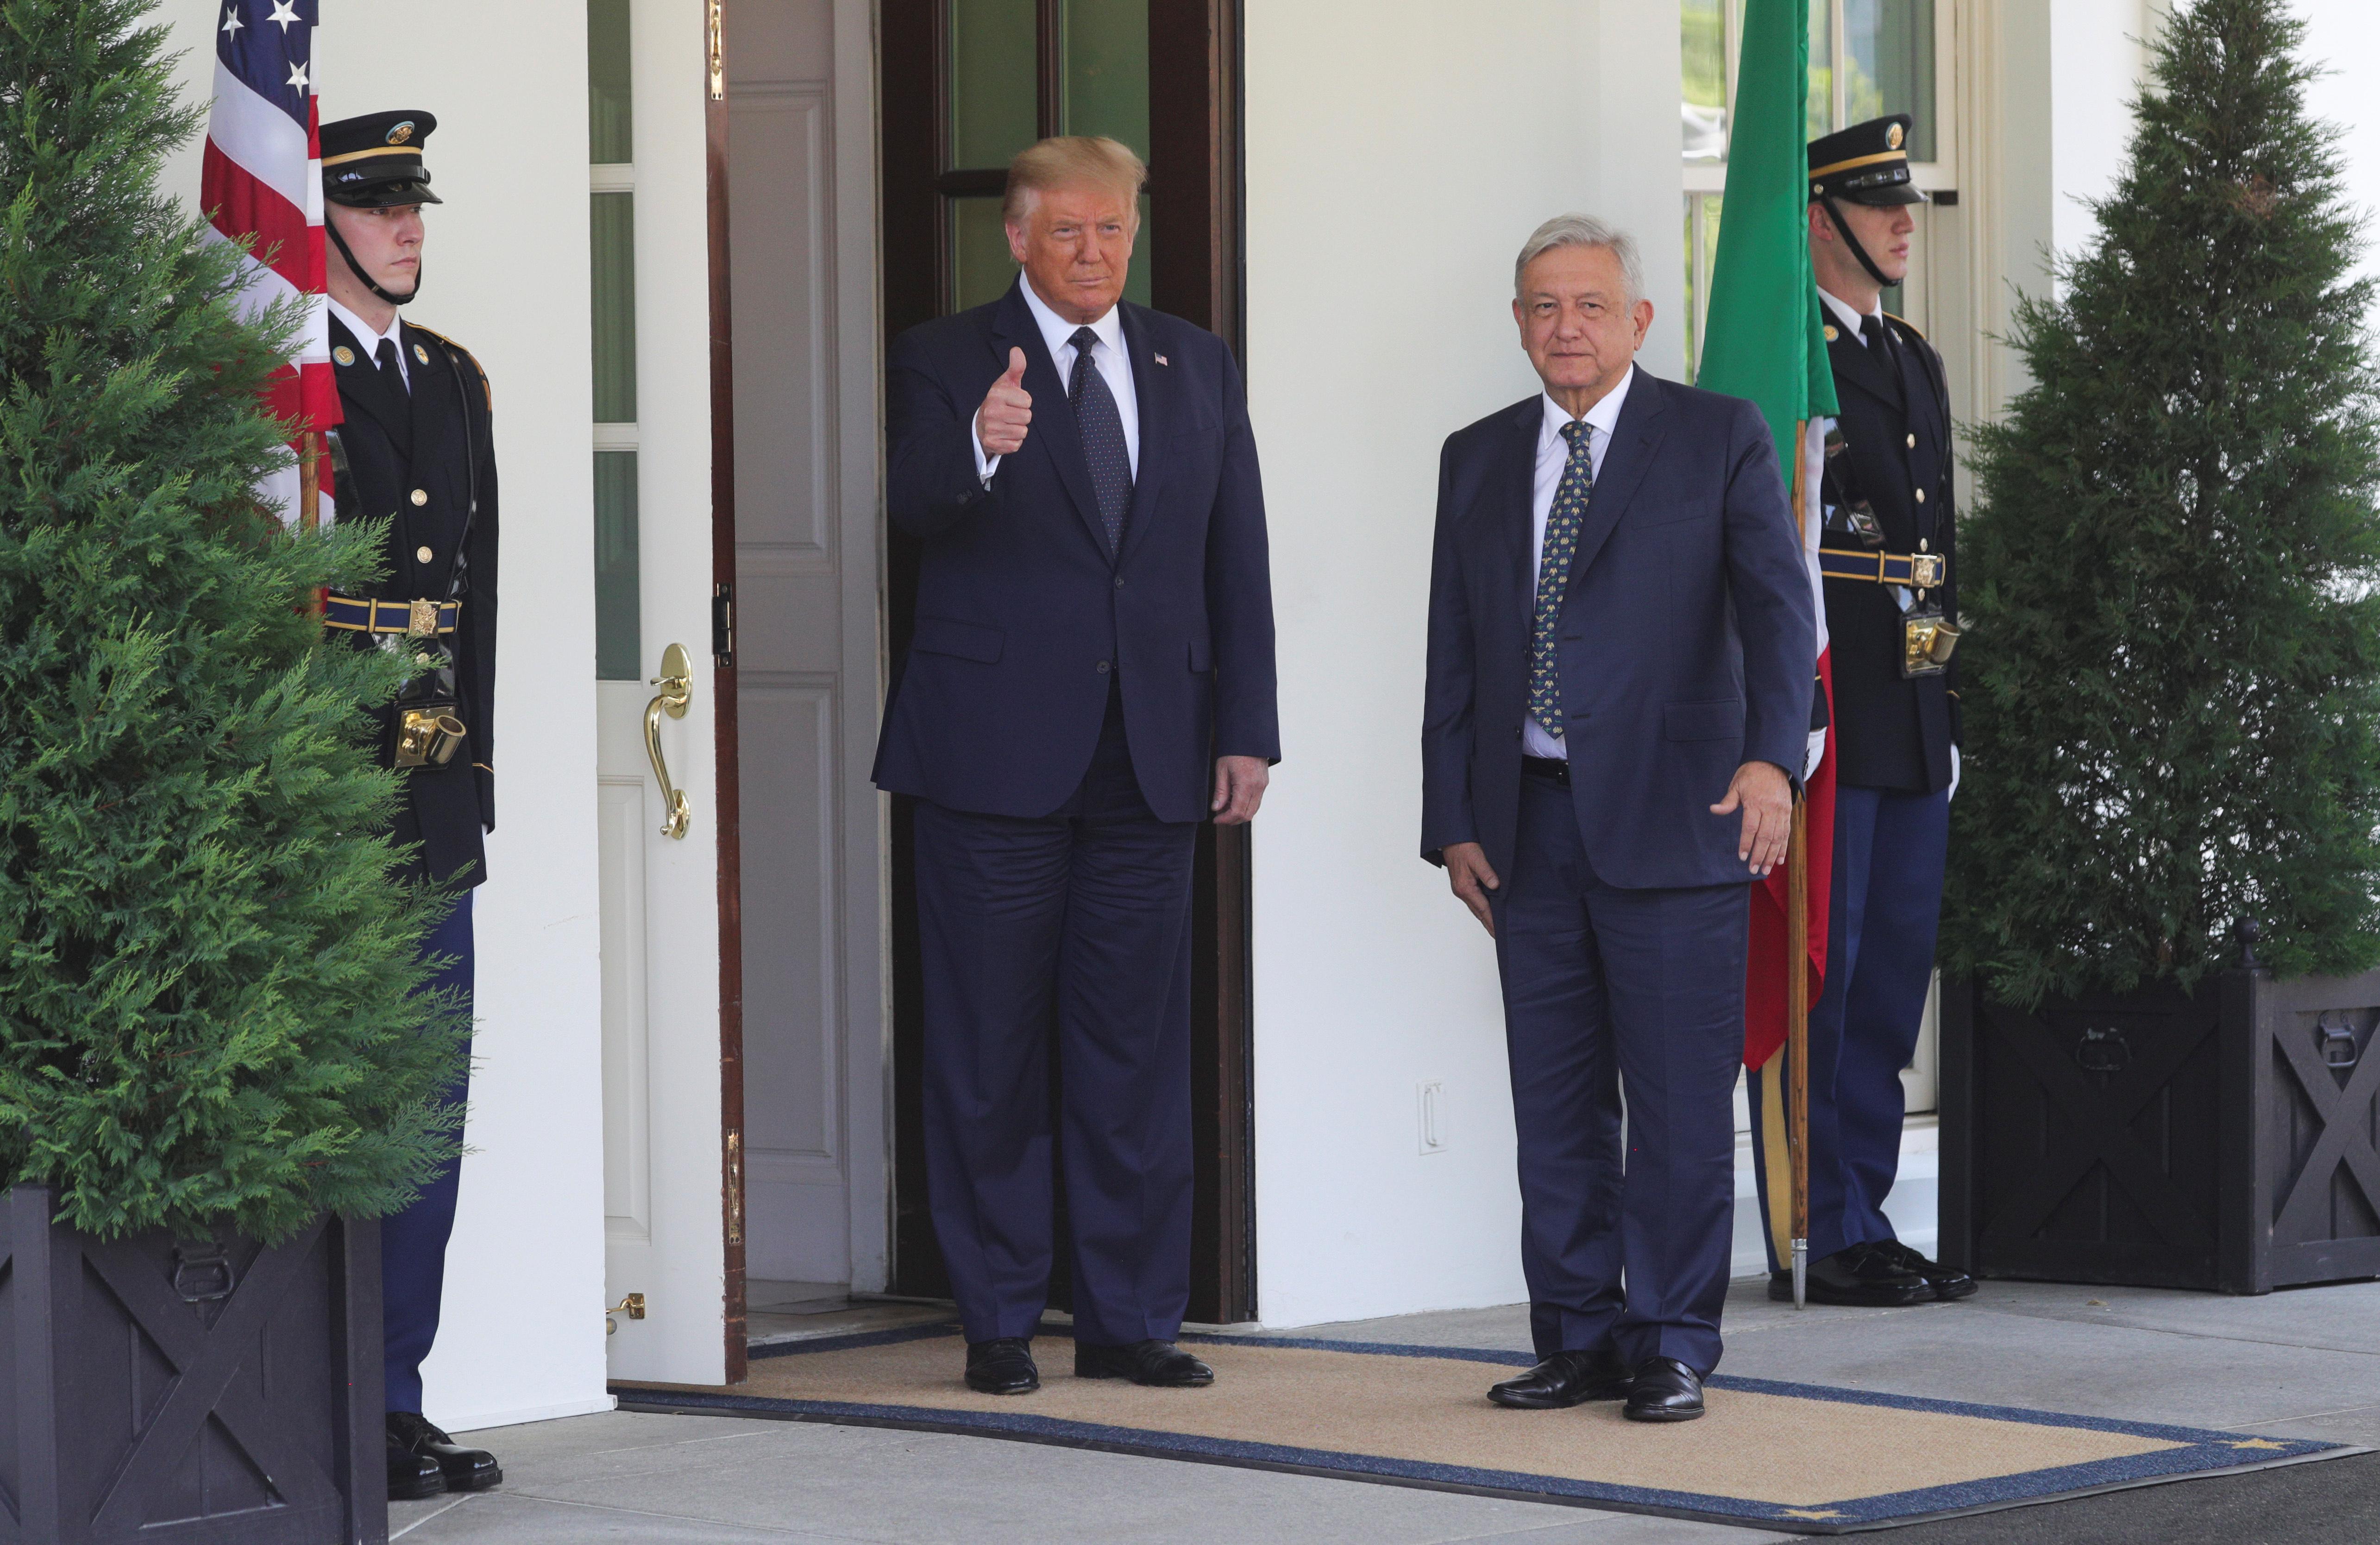 El presidente de los Estados Unidos, Donald Trump, da la bienvenida al presidente de México, Andrés Manuel López Obrador, en la Casa Blanca en Washington, EE. UU., 8 de julio de 2020. (Foto: REUTERS / Tom Brenner)